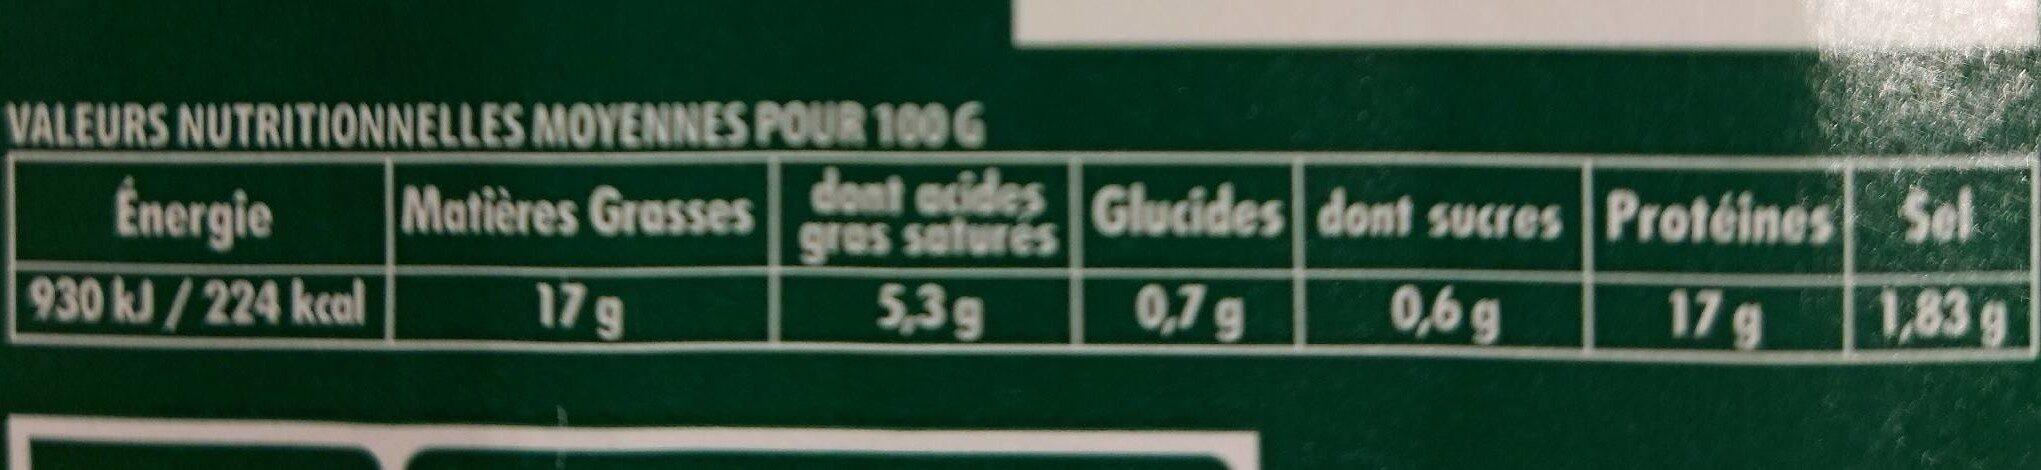 Saucisses de volaille - Informations nutritionnelles - fr